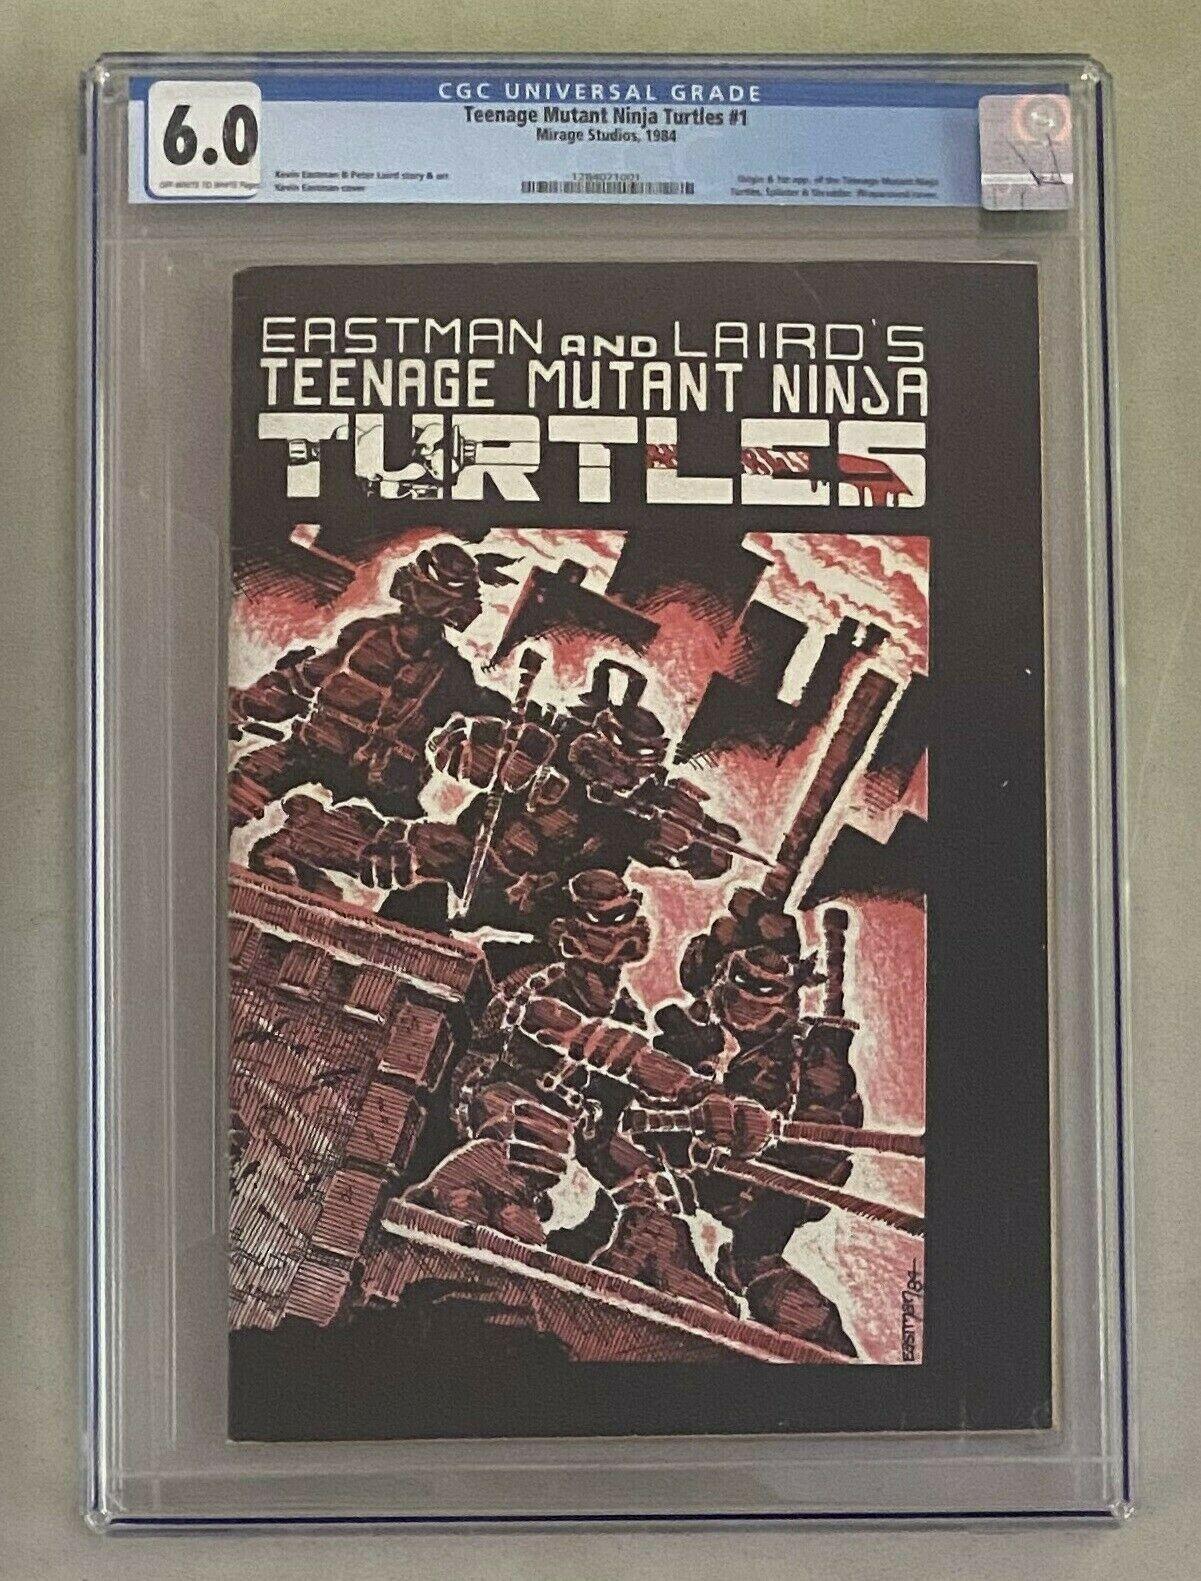 TEENAGE MUTANT NINJA TURTLES 1 Mirage Studios 1984 CGC 60 First Appearance